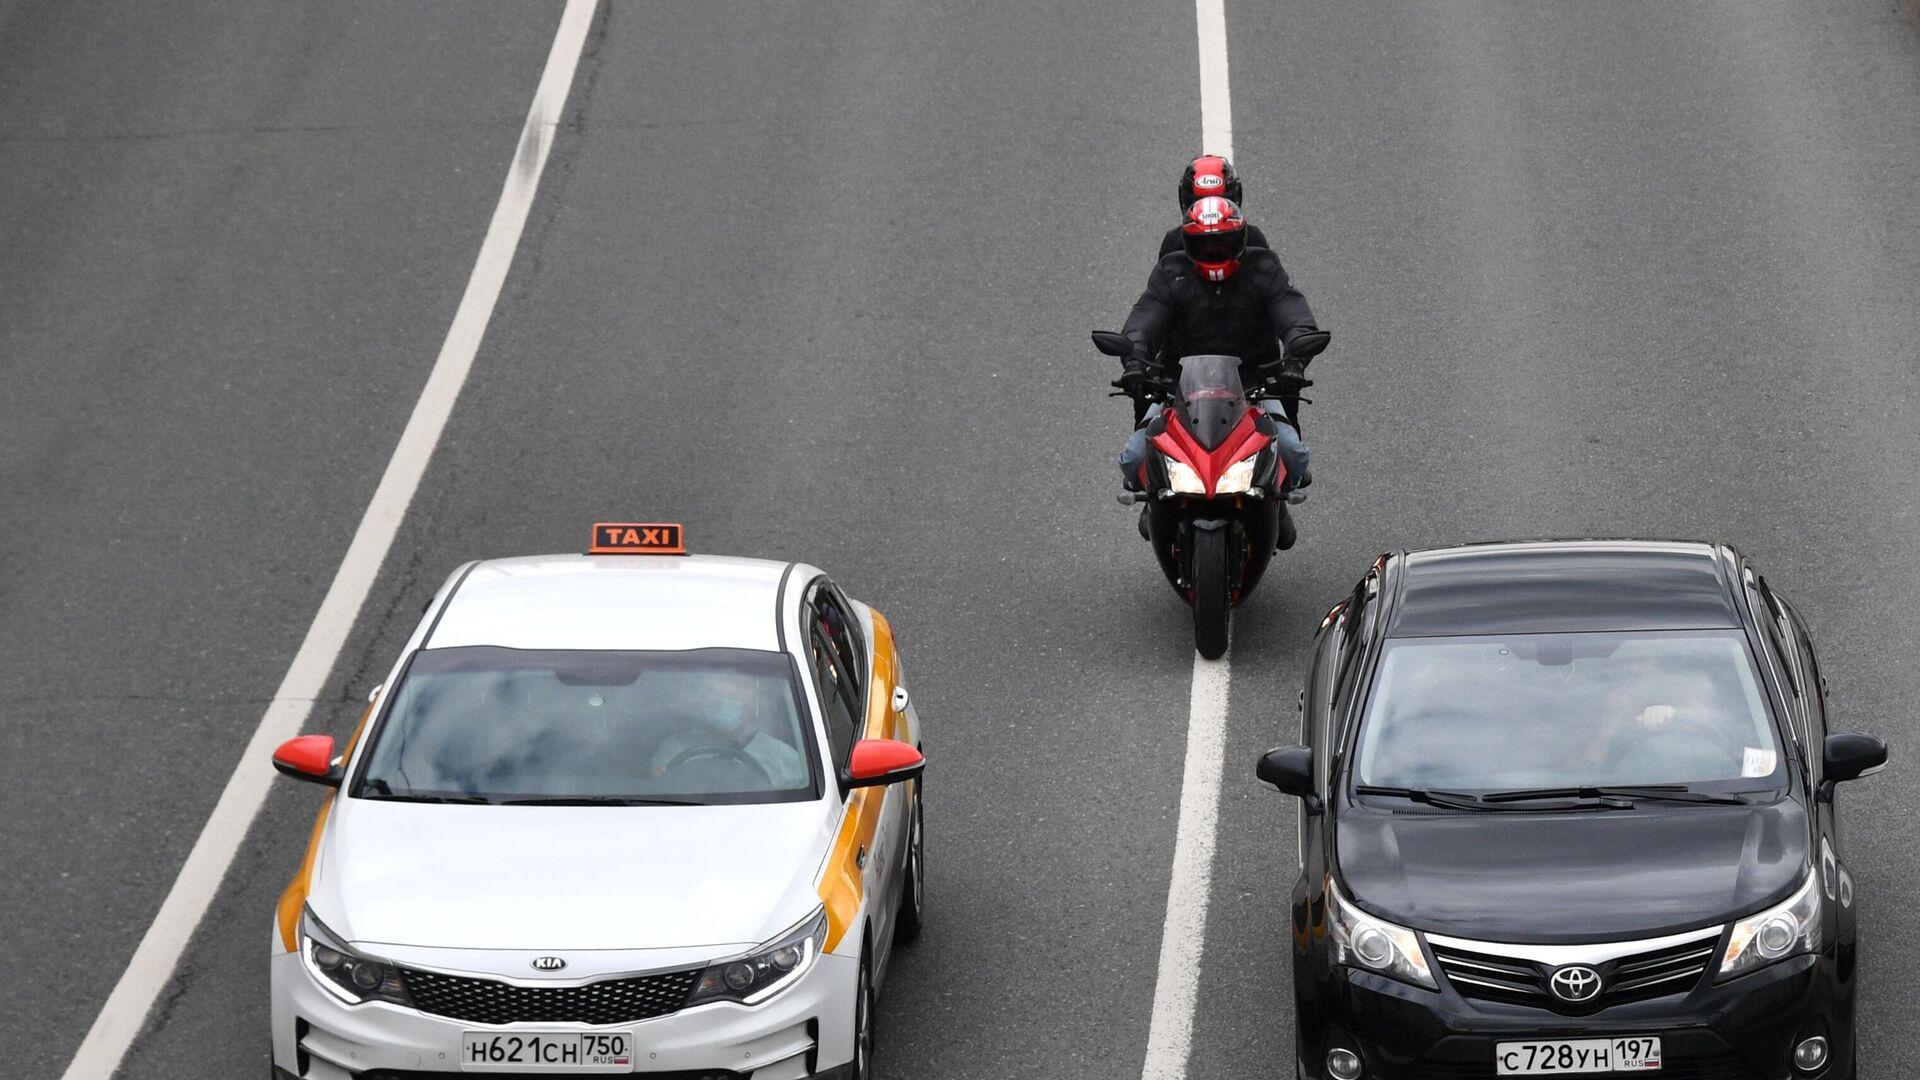 Мотоциклист двигается между рядами по проезжей части в Москве - РИА Новости, 1920, 13.09.2020